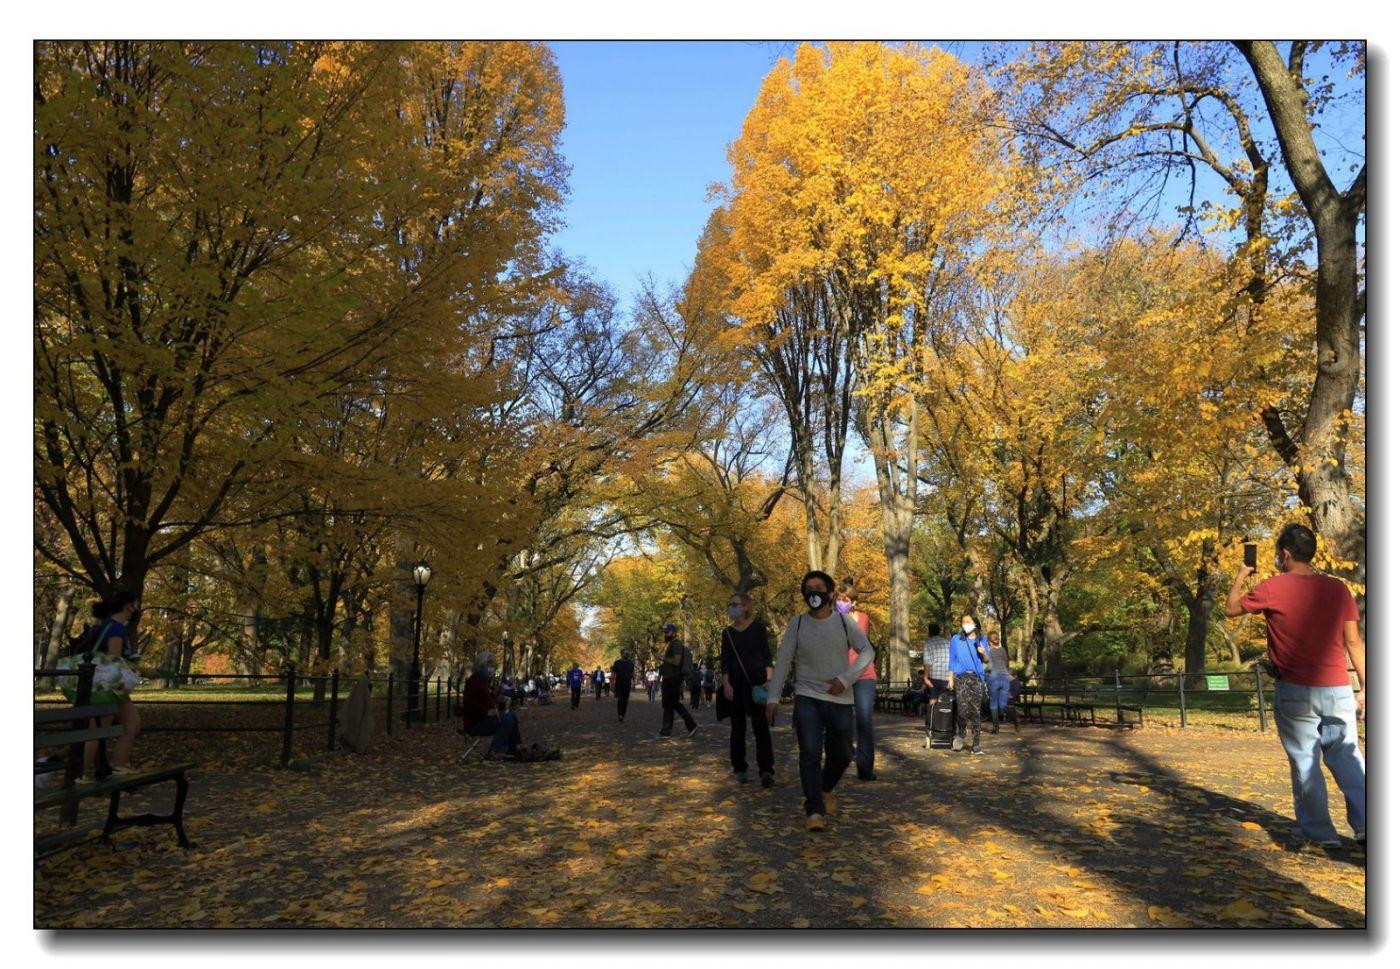 深秋色彩-中央公园1_图1-8